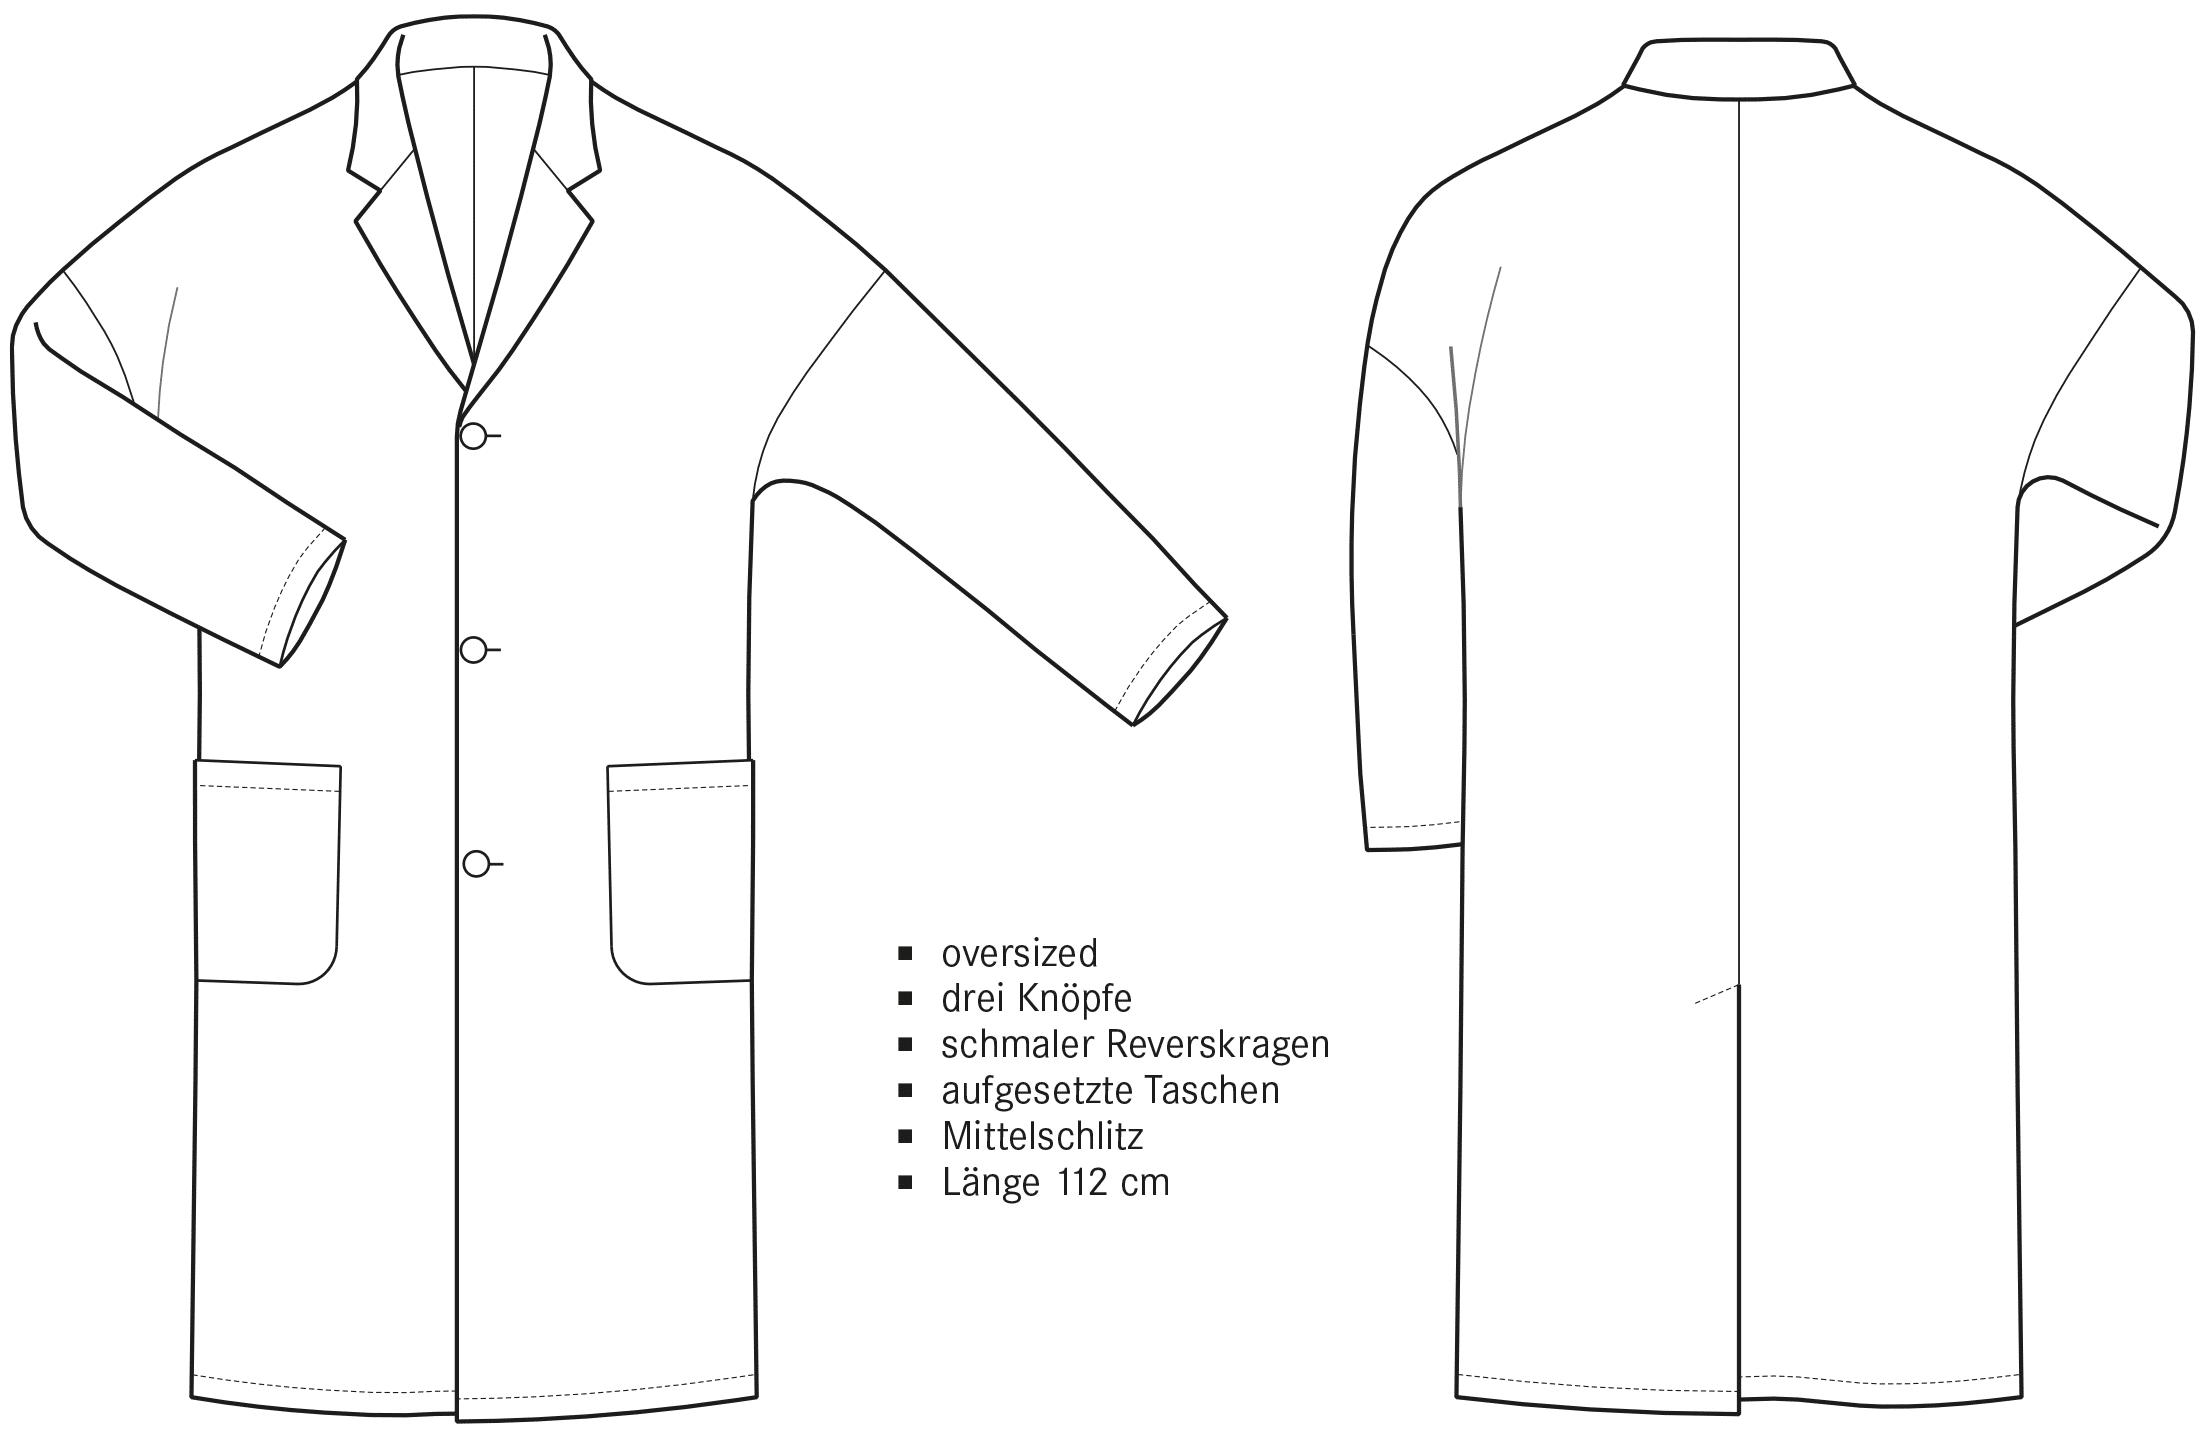 Die technische Zeichnung eines Mantels mit stark überschnittener Schulter ist abgebildet. Die Vorder- und Rückansicht inklusive Beschreibung der Schnitttechnik ist zu sehen.